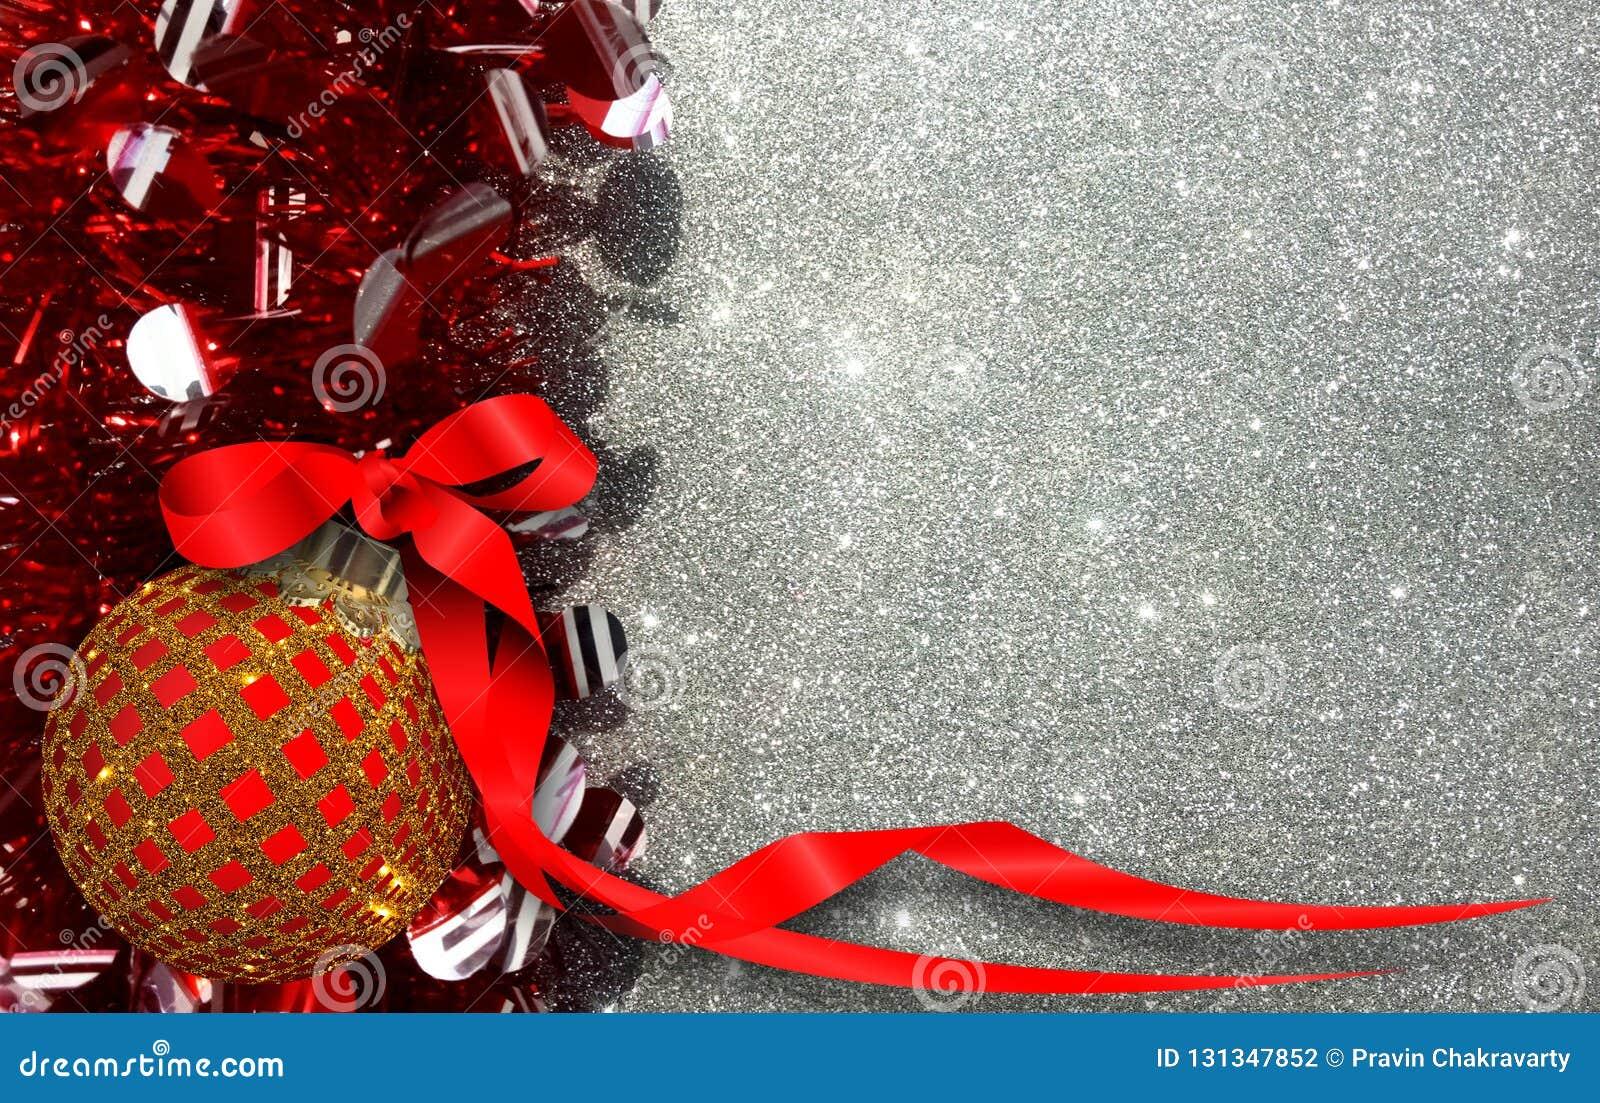 Το υπόβαθρο Χριστουγέννων με την κόκκινη και κίτρινη διακόσμηση σε ένα ασήμι ακτινοβολεί υπόβαθρο